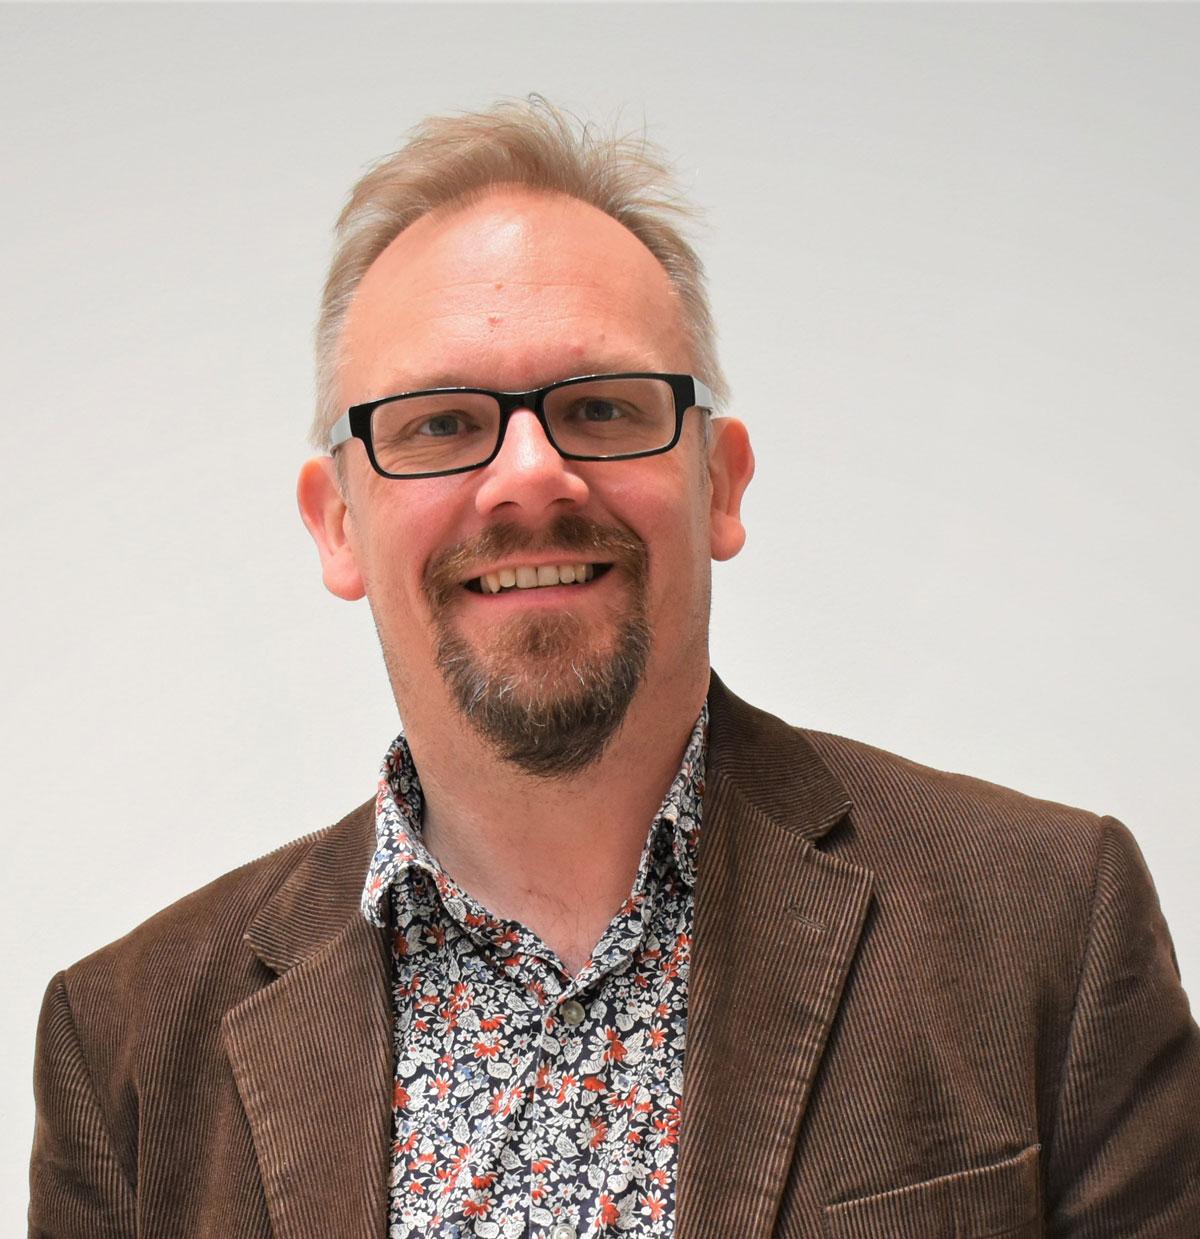 Dr Jon Murden NMM CEO